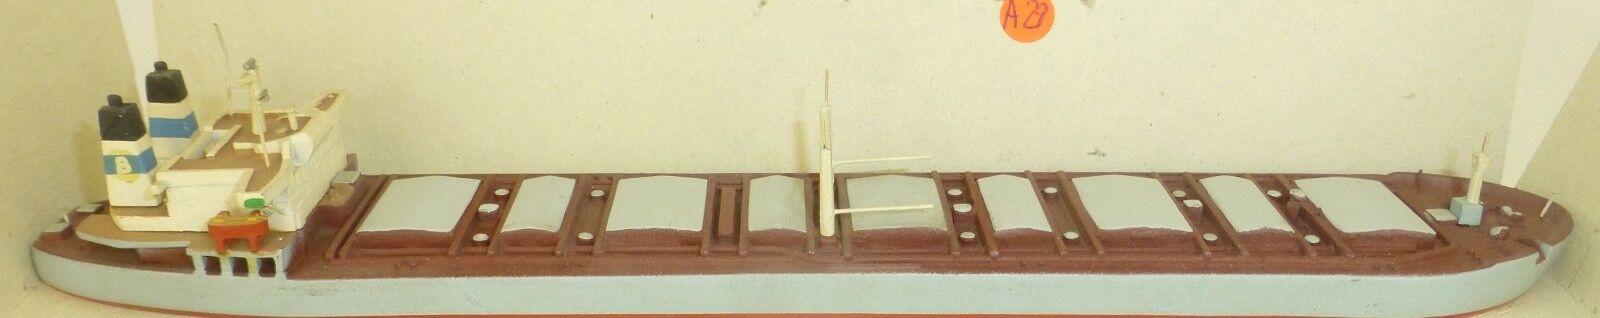 tienda en linea MS oslo hansa 290 barco modelo 1 1 1 1250 shpa 29 Å   distribución global